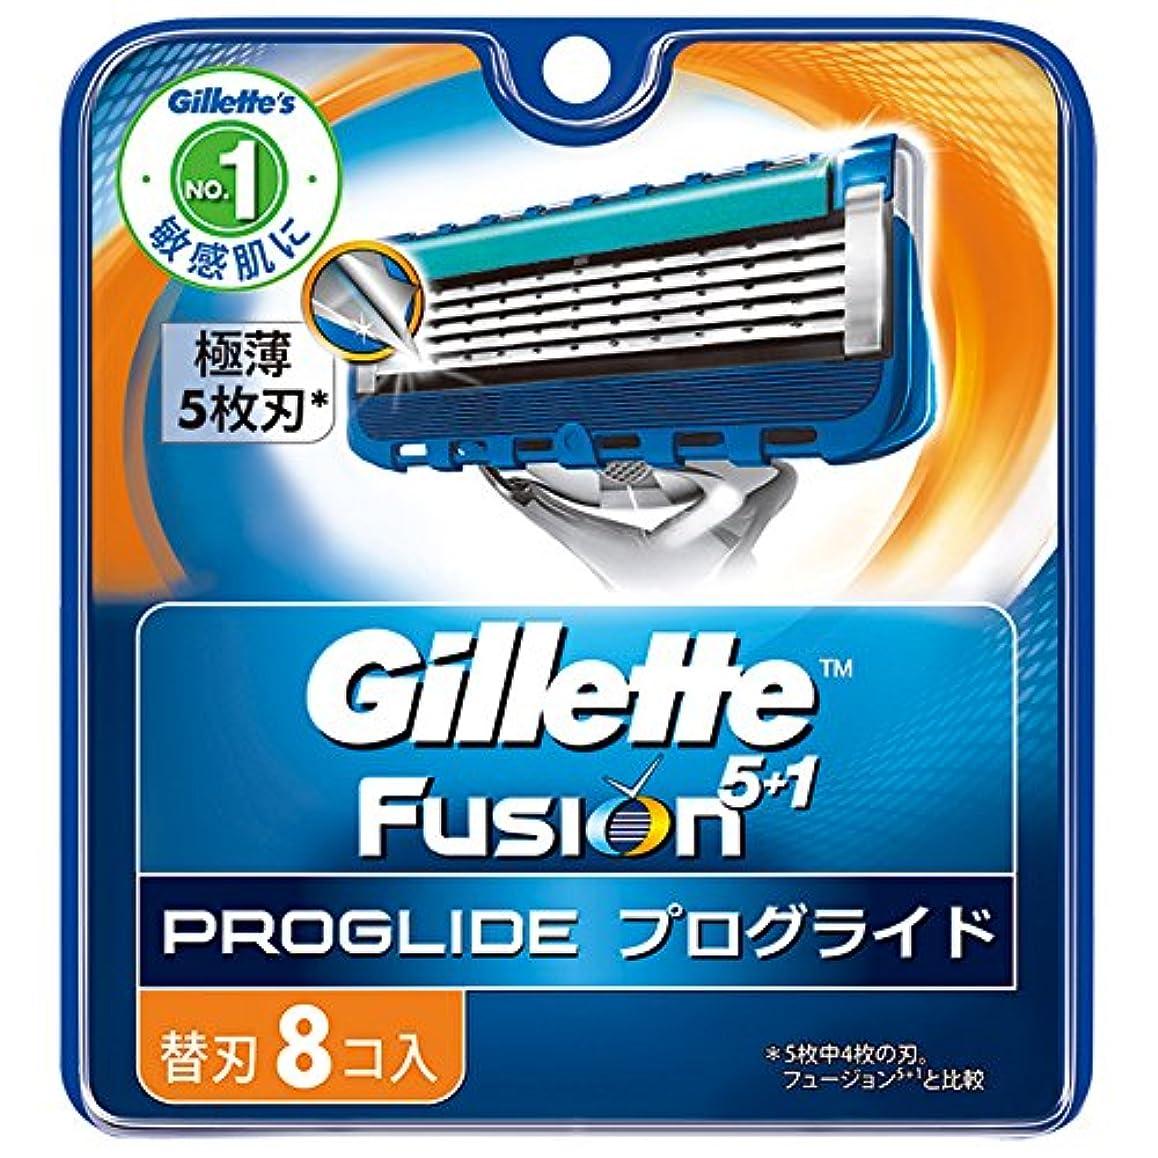 オピエート執着短命ジレット 髭剃り プログライド フレックスボール マニュアル 替刃8個入